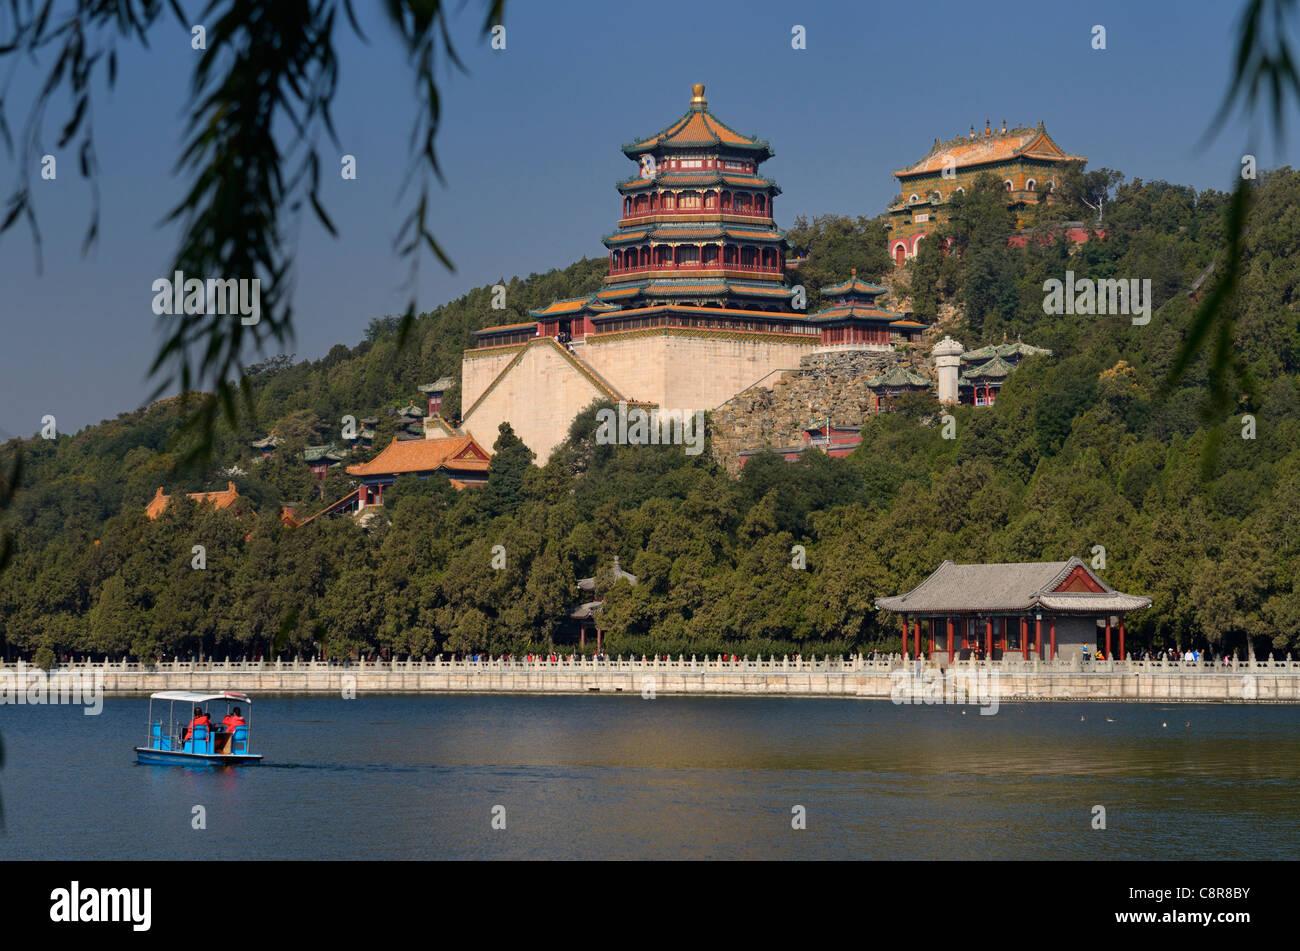 Paddel Bootsfahrer auf Kunming See mit buddhistischen Duft und das Meer der Weisheit Tempel im Summer Palace Beijing Stockbild